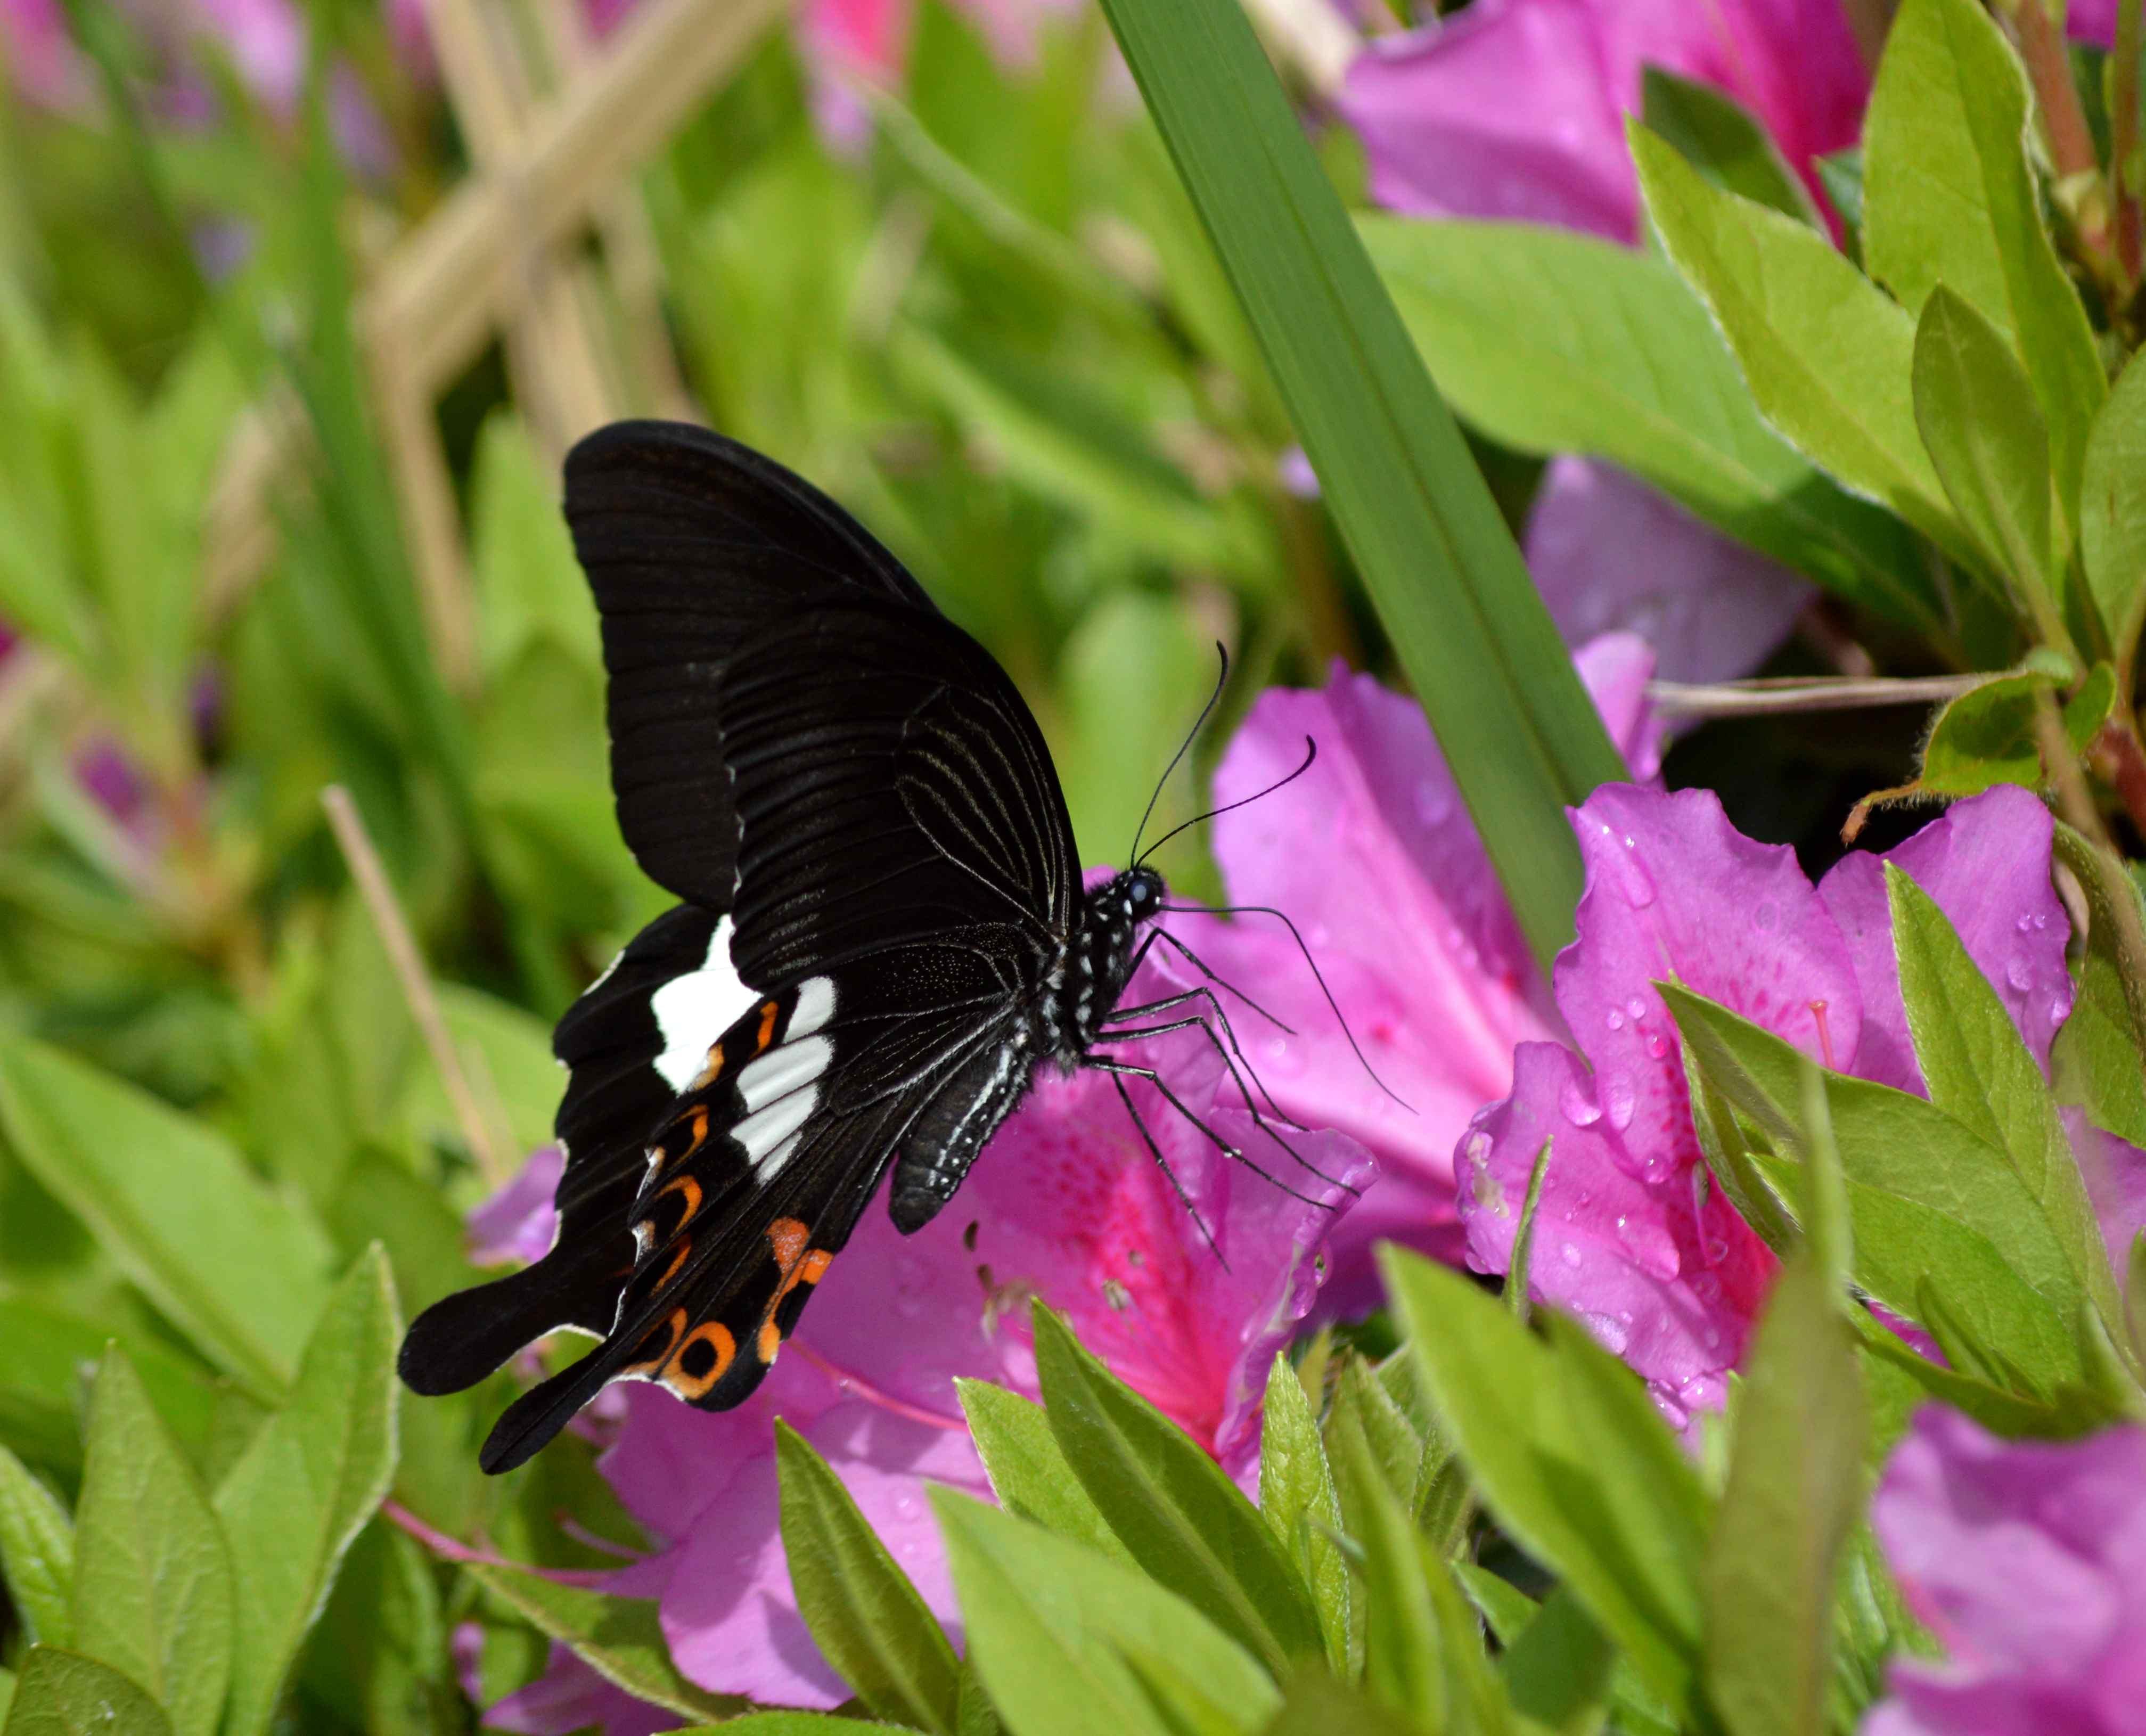 モンキアゲハ 5月2日ツツジの咲く公園にて_d0254540_17372316.jpg